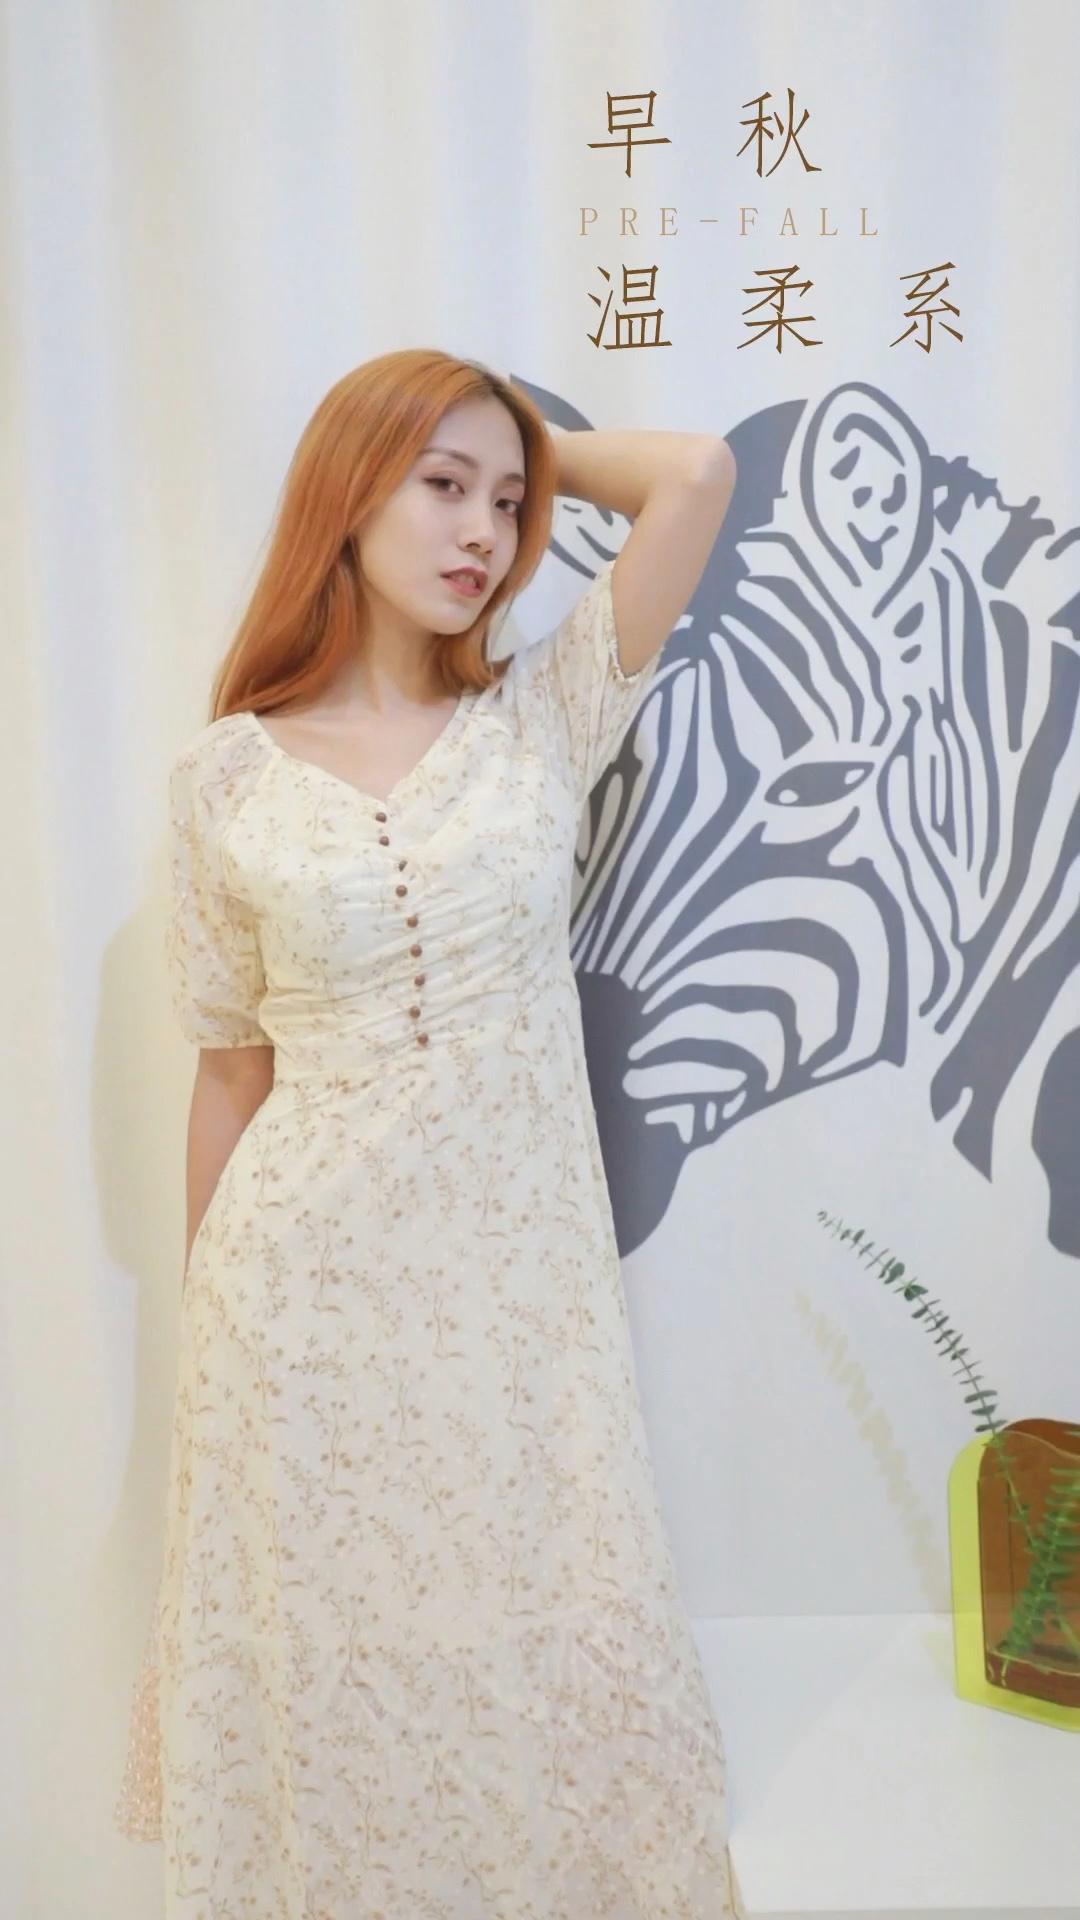 早秋的温柔女孩,需要米色碎花长裙~ 优雅时髦两不误! #仙女裙,俘获男神就靠它#